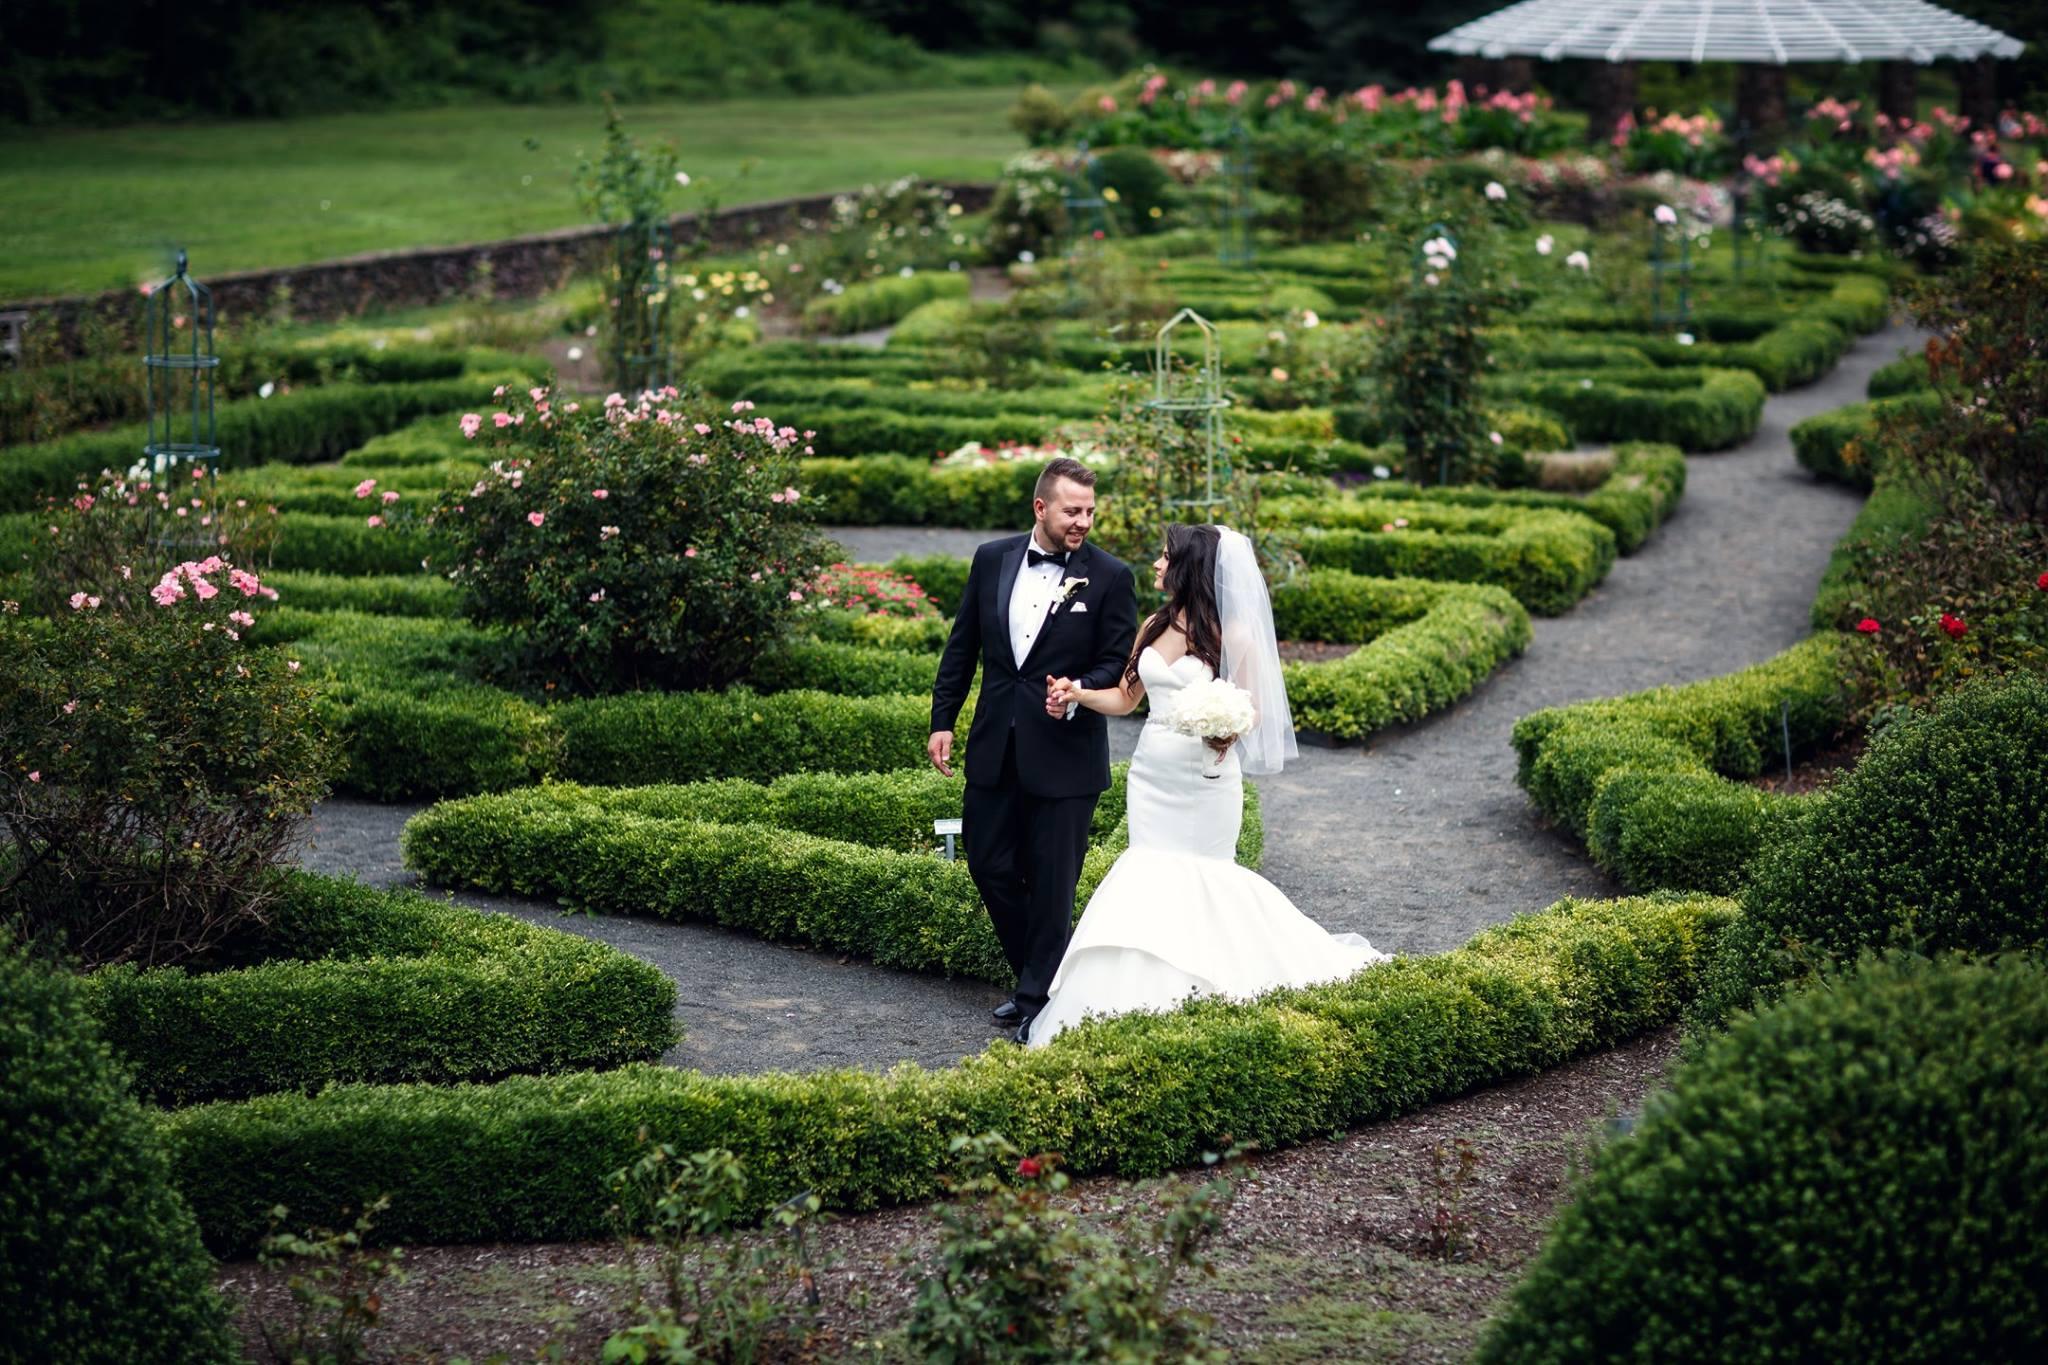 zajac photography wedding 17